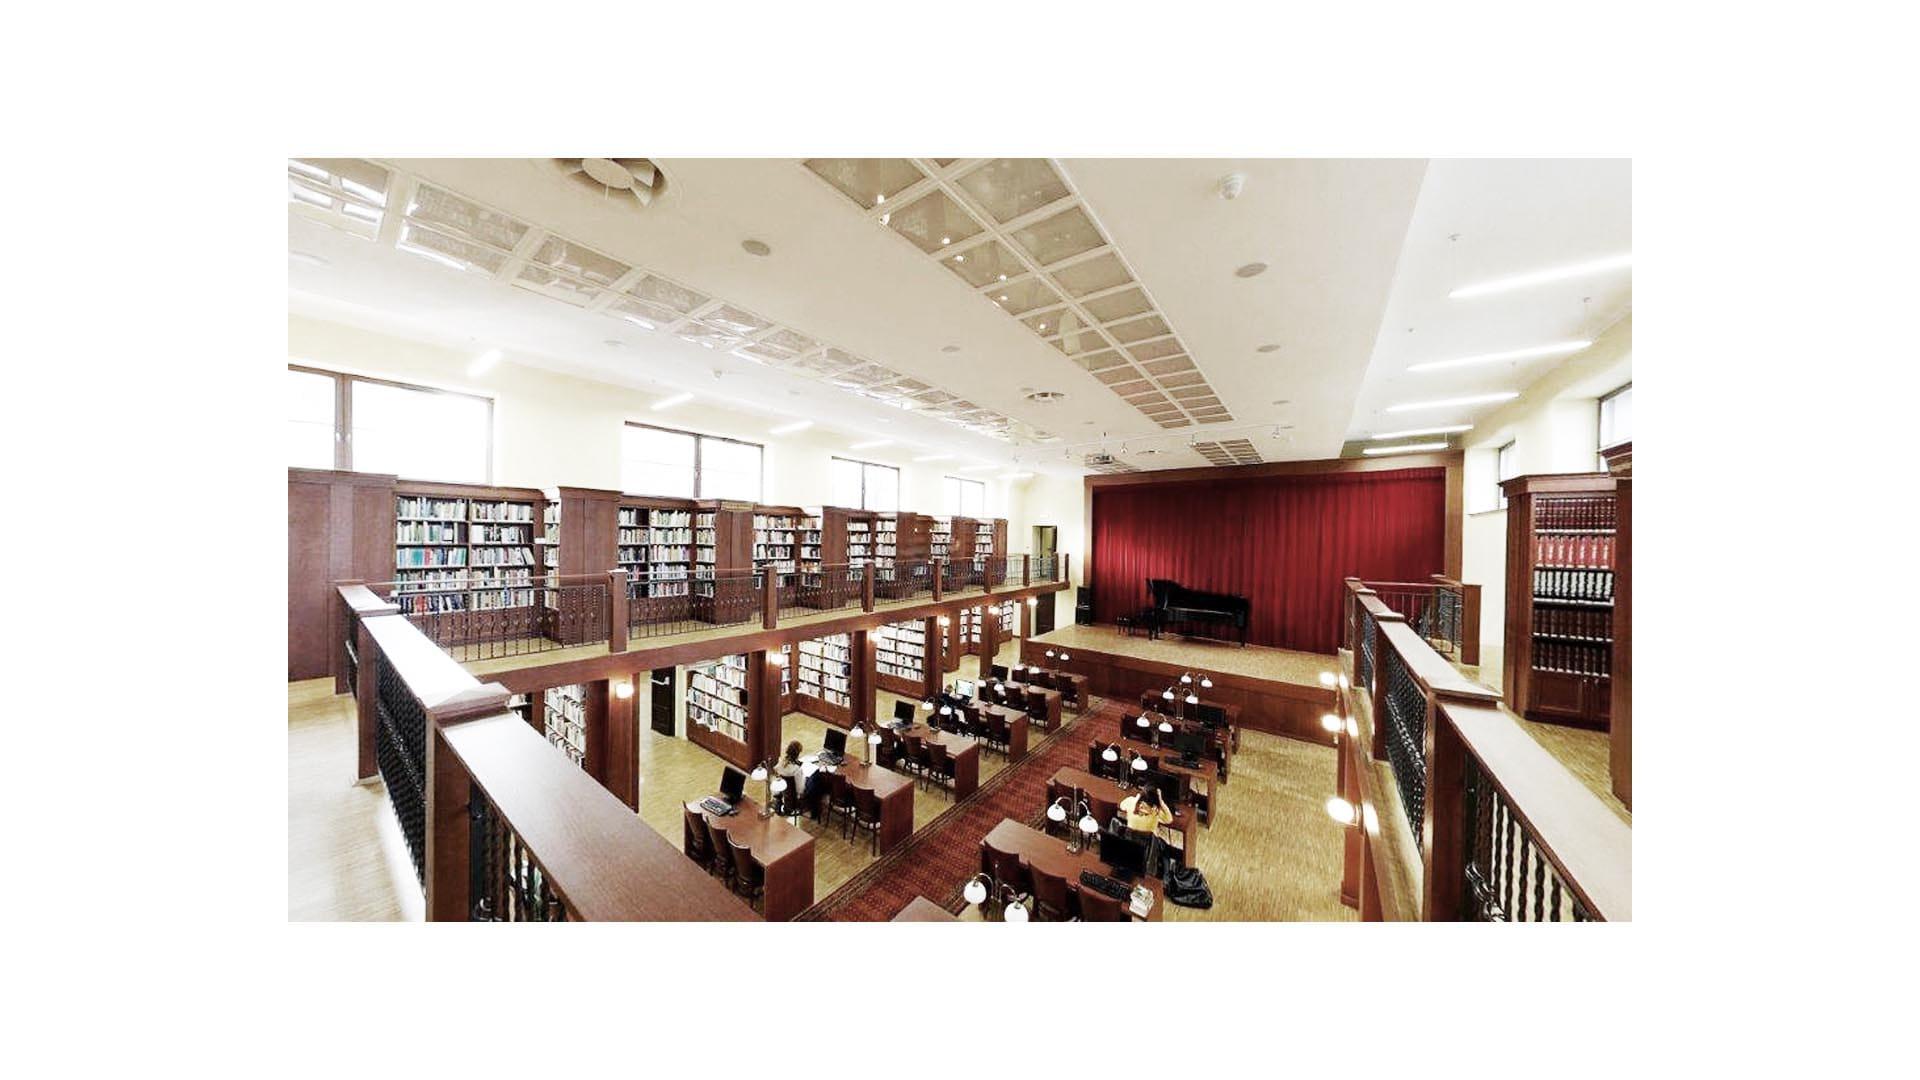 Przebudowa kina na bibliotekę